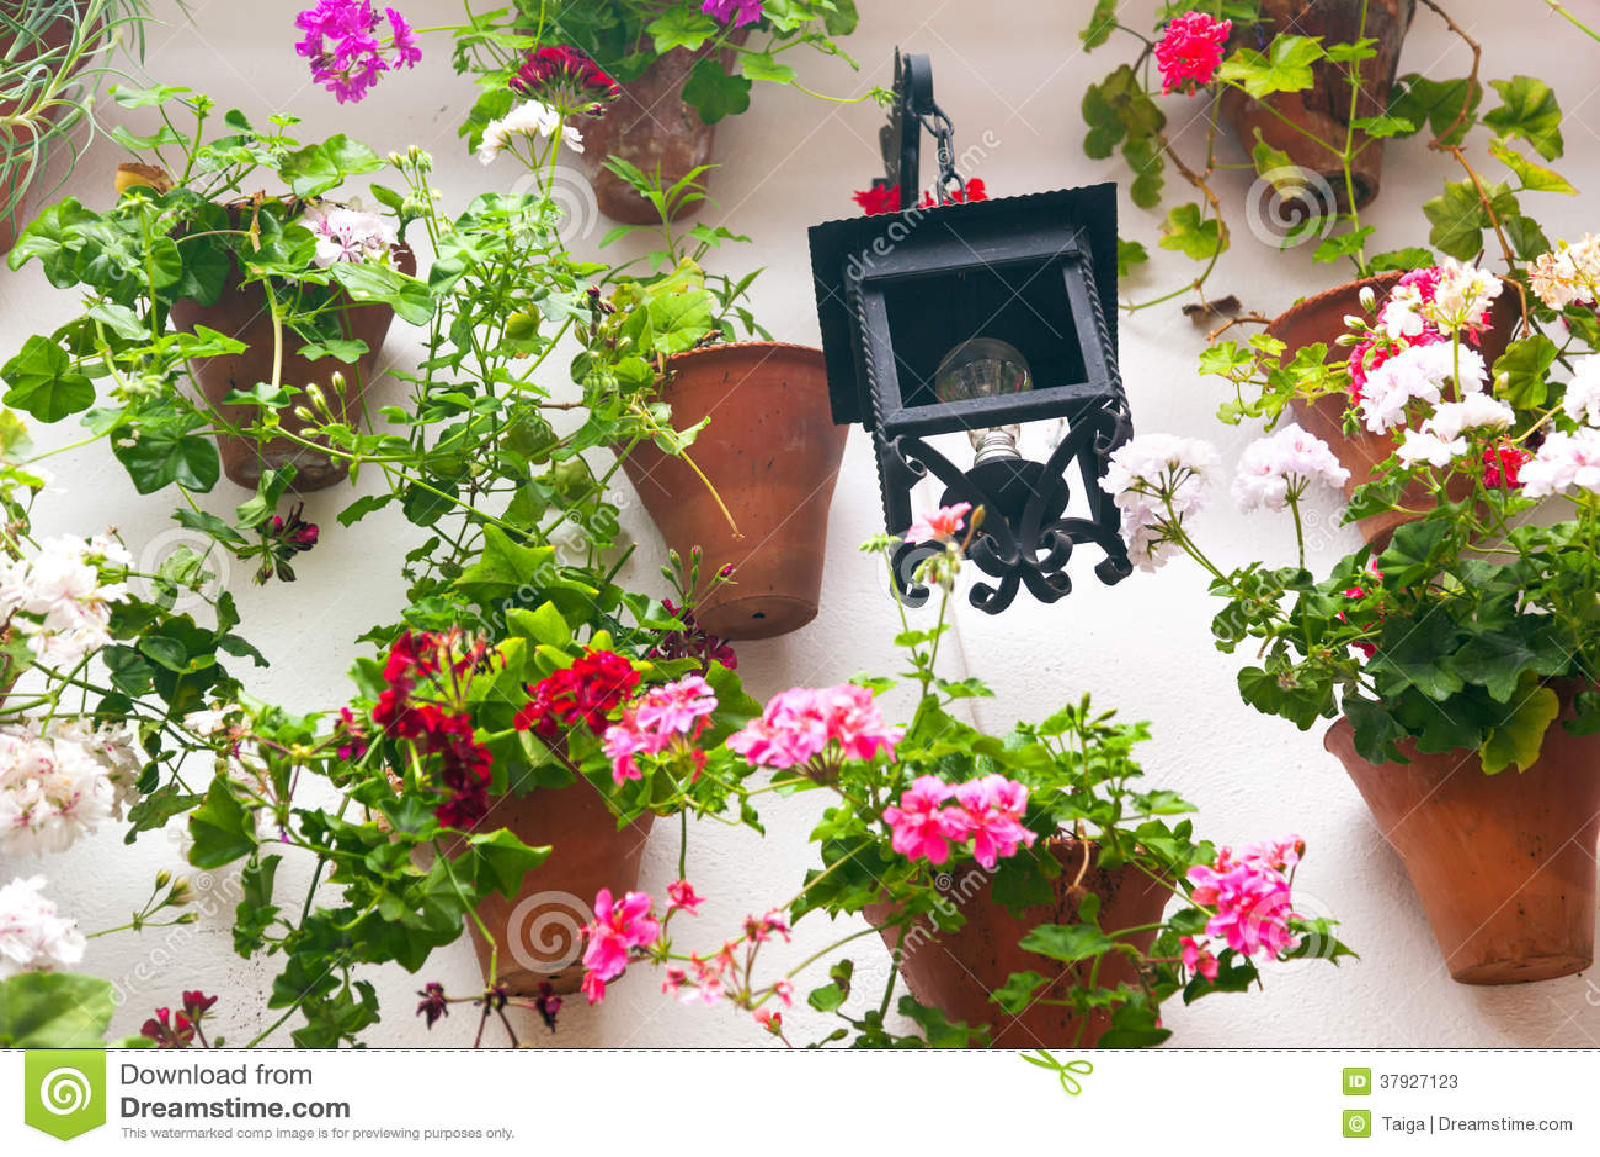 pots de fleurs et fleur rouge sur un mur blanc avec la. Black Bedroom Furniture Sets. Home Design Ideas